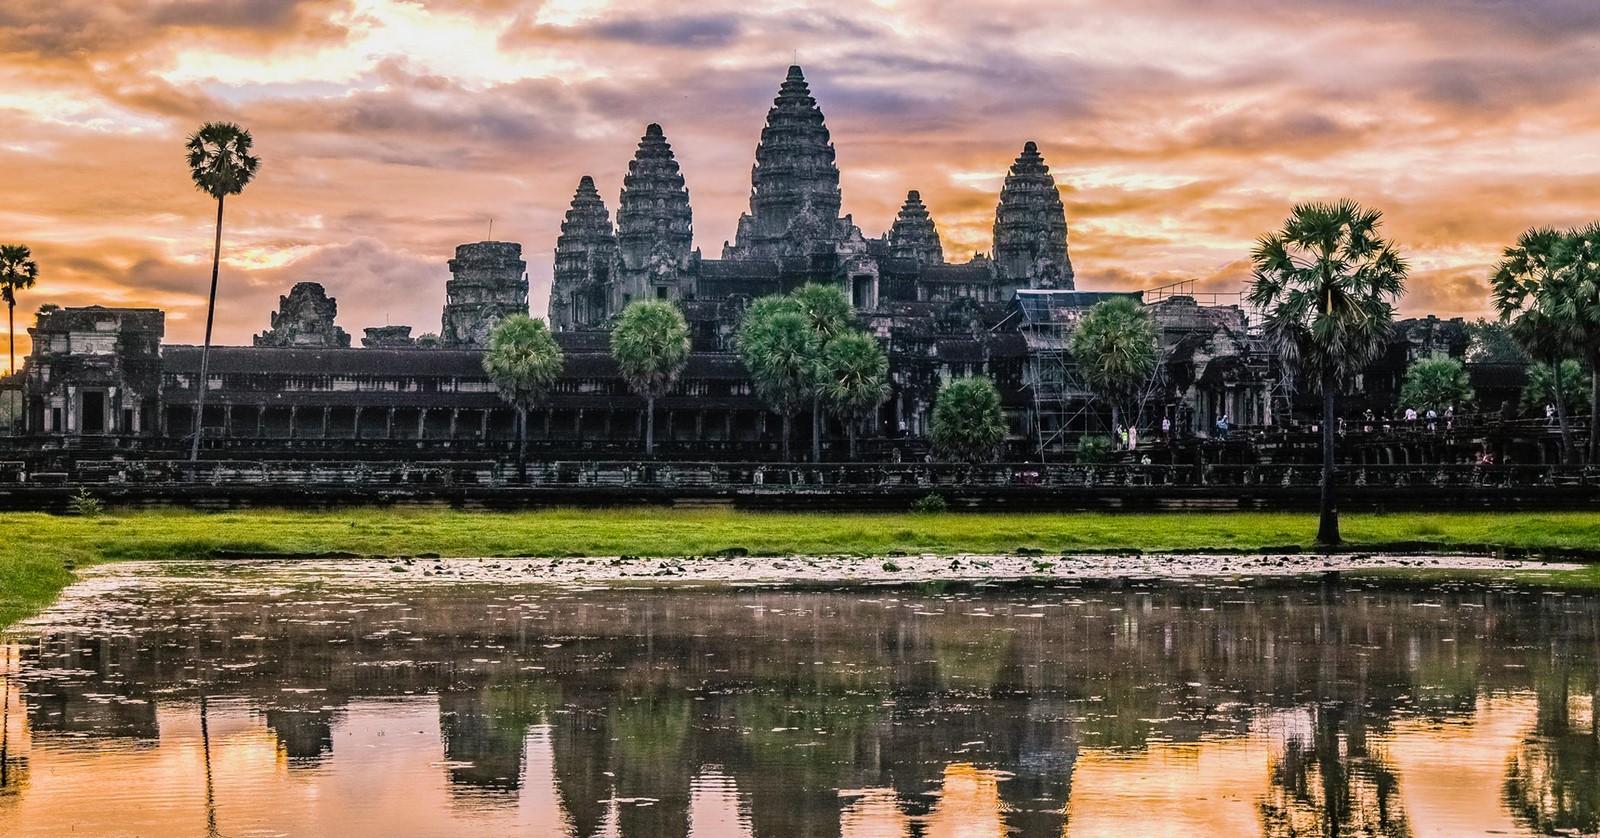 Angkor Wat, Cambodia - Sheet1